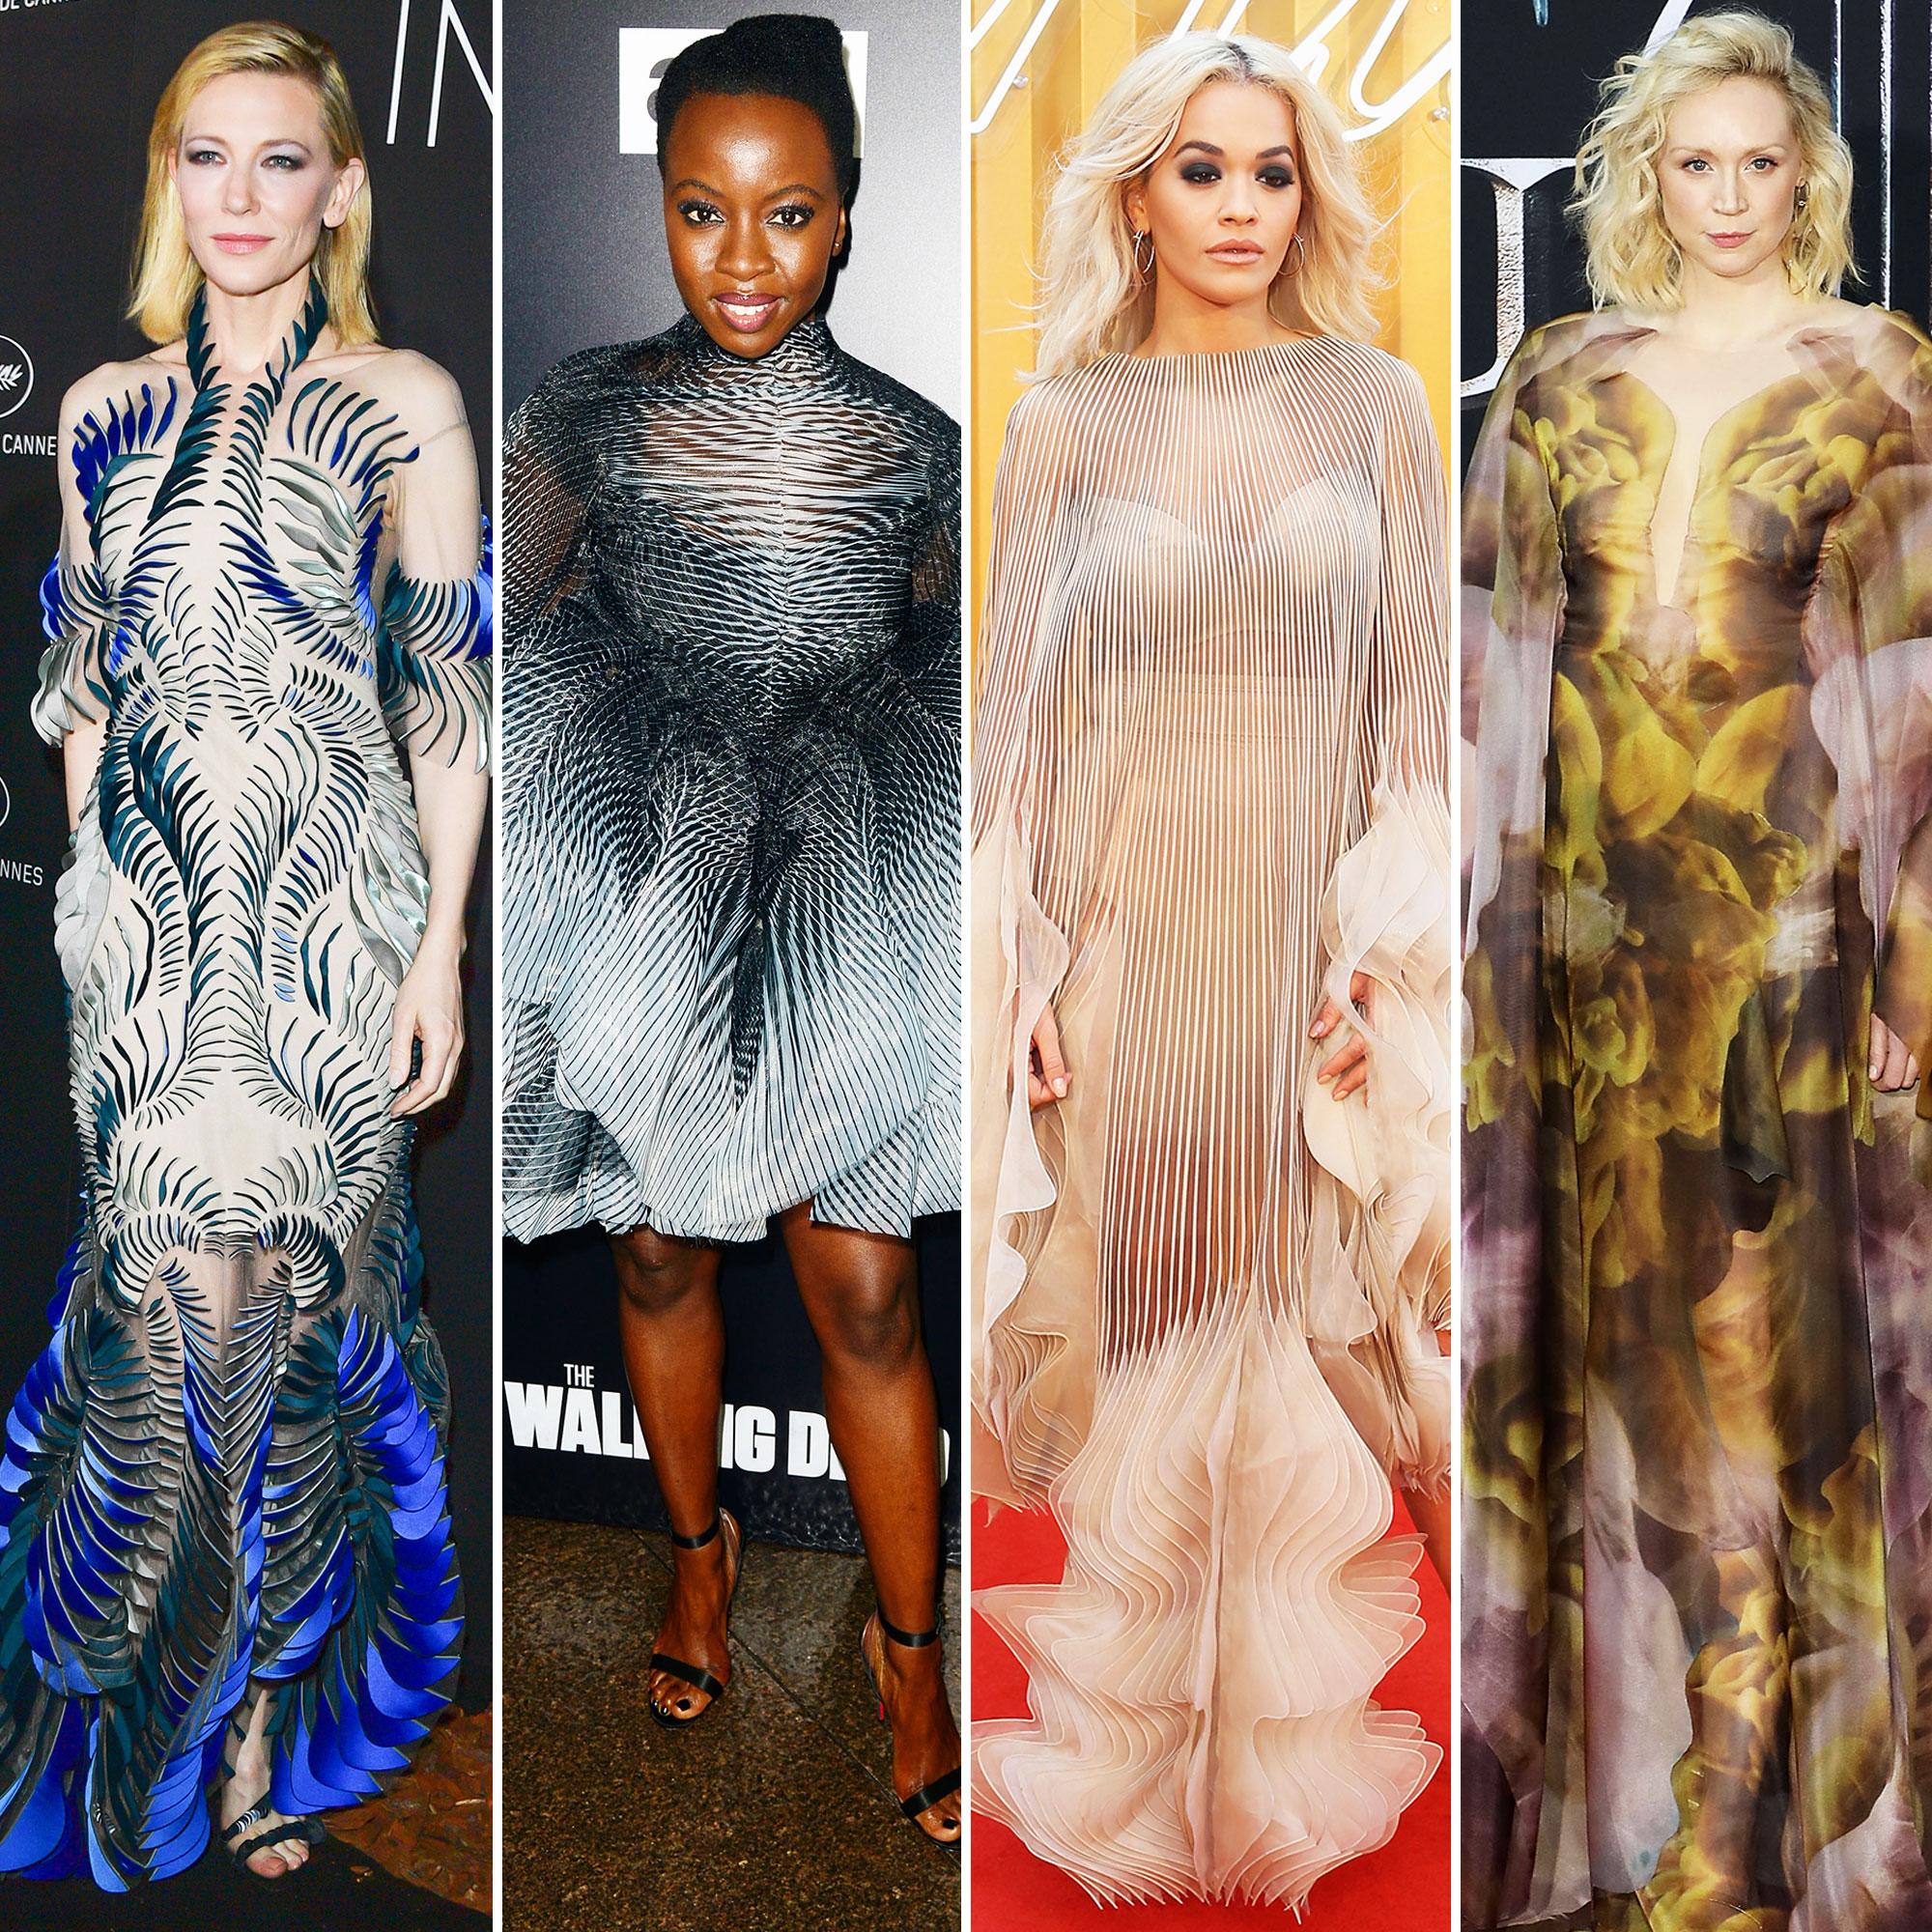 Cate Blanchett, Danai Gurira, Rita Ora, and Gwendoline Christie Stylish Iris van Herpen - Cate Blanchett, Danai Gurira, Rita Ora, and Gwendoline Christie